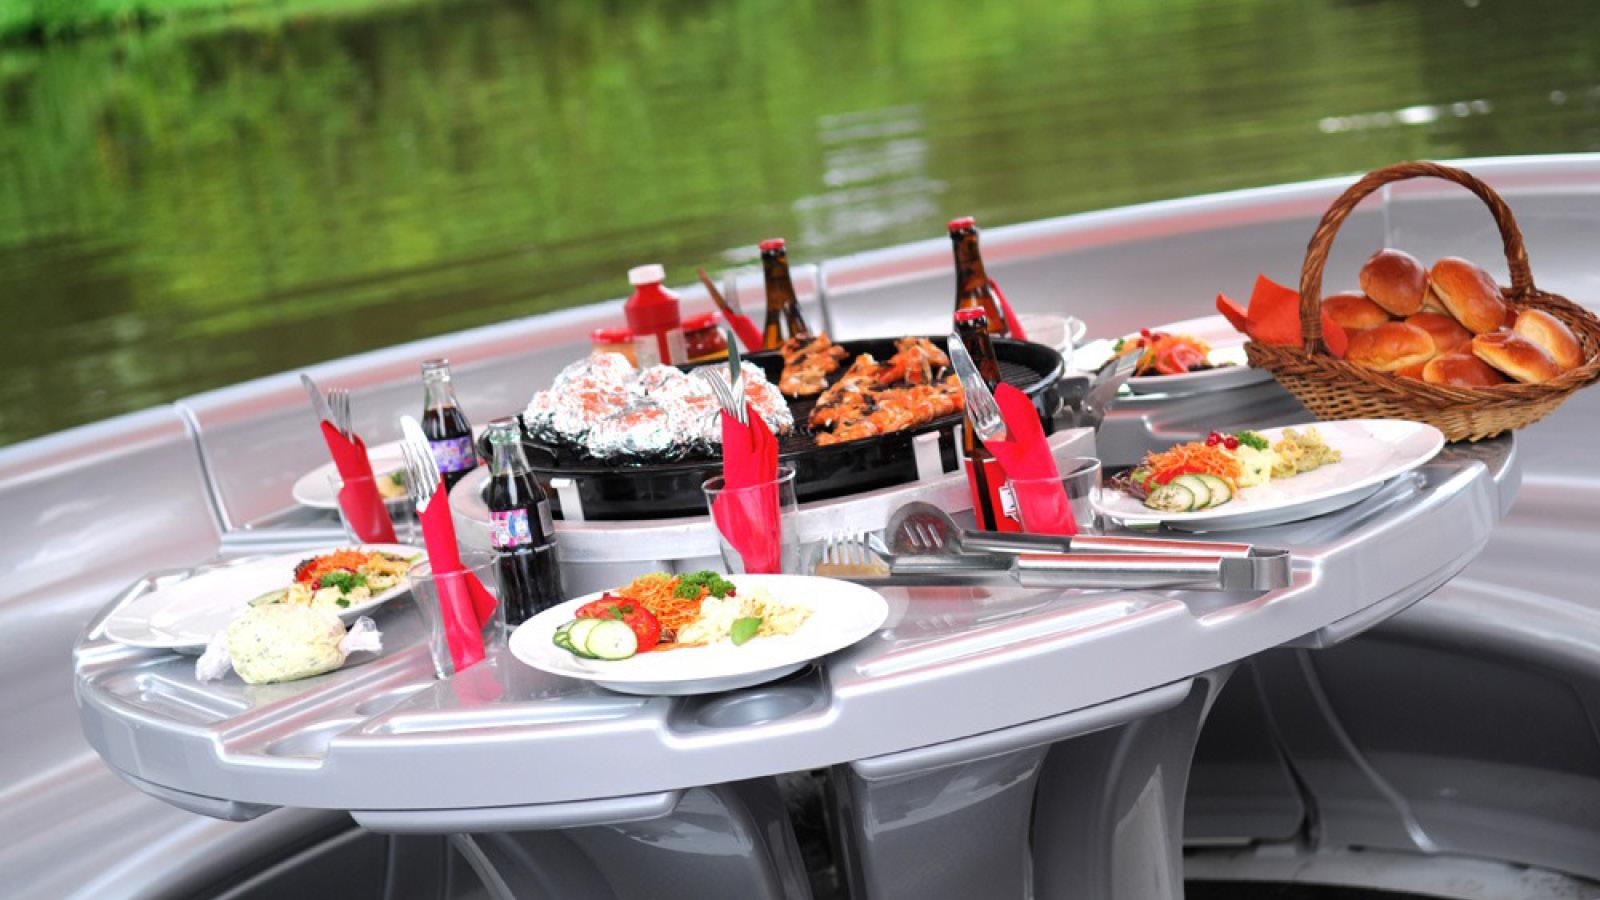 Grillboot Tour auf der Elbe in Dresden - Erlebnisfabrik